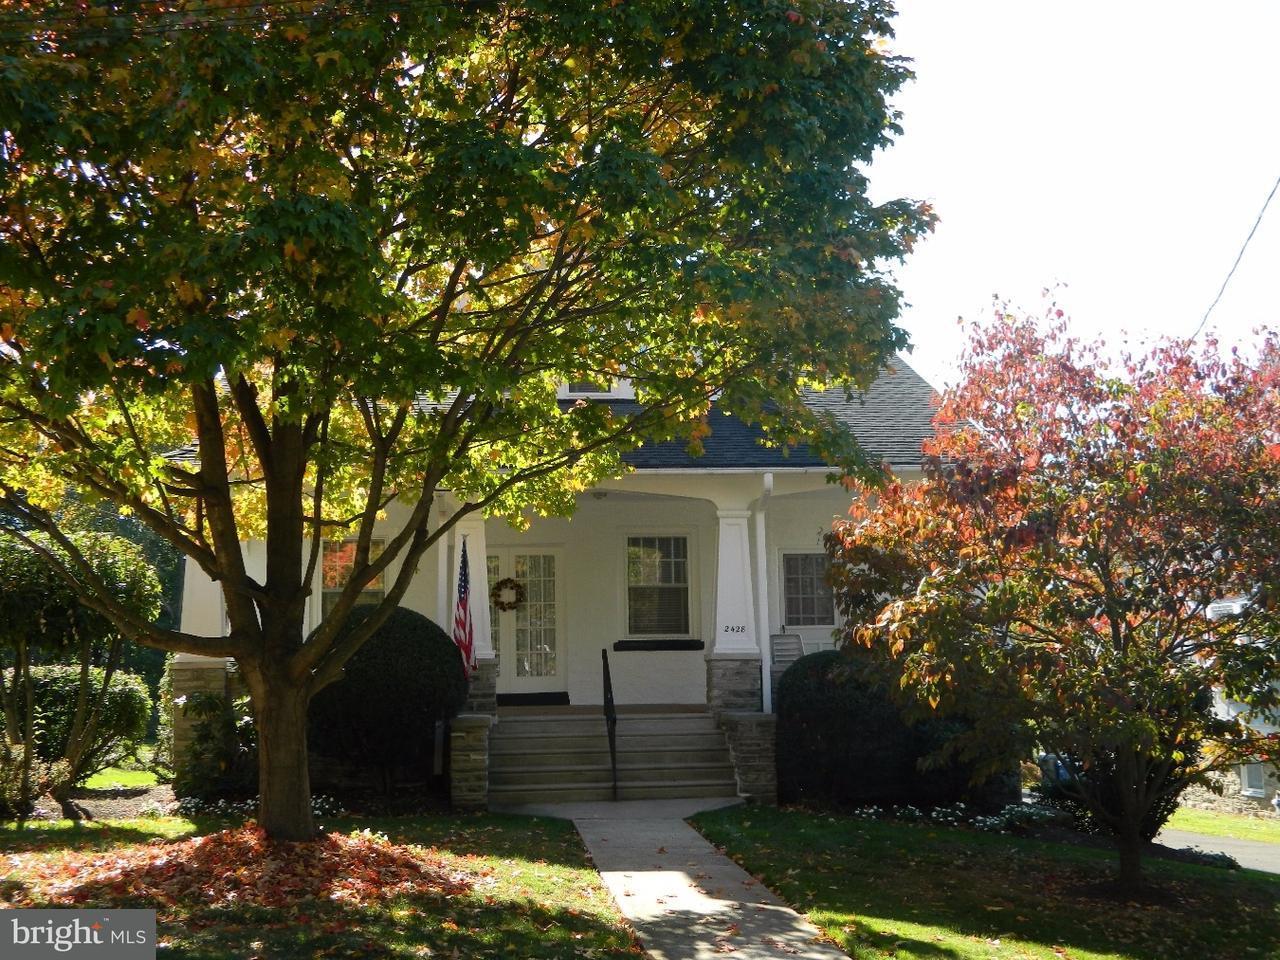 Частный односемейный дом для того Продажа на 2428 FAIRHILL Avenue Glenside, Пенсильвания 19038 Соединенные Штаты